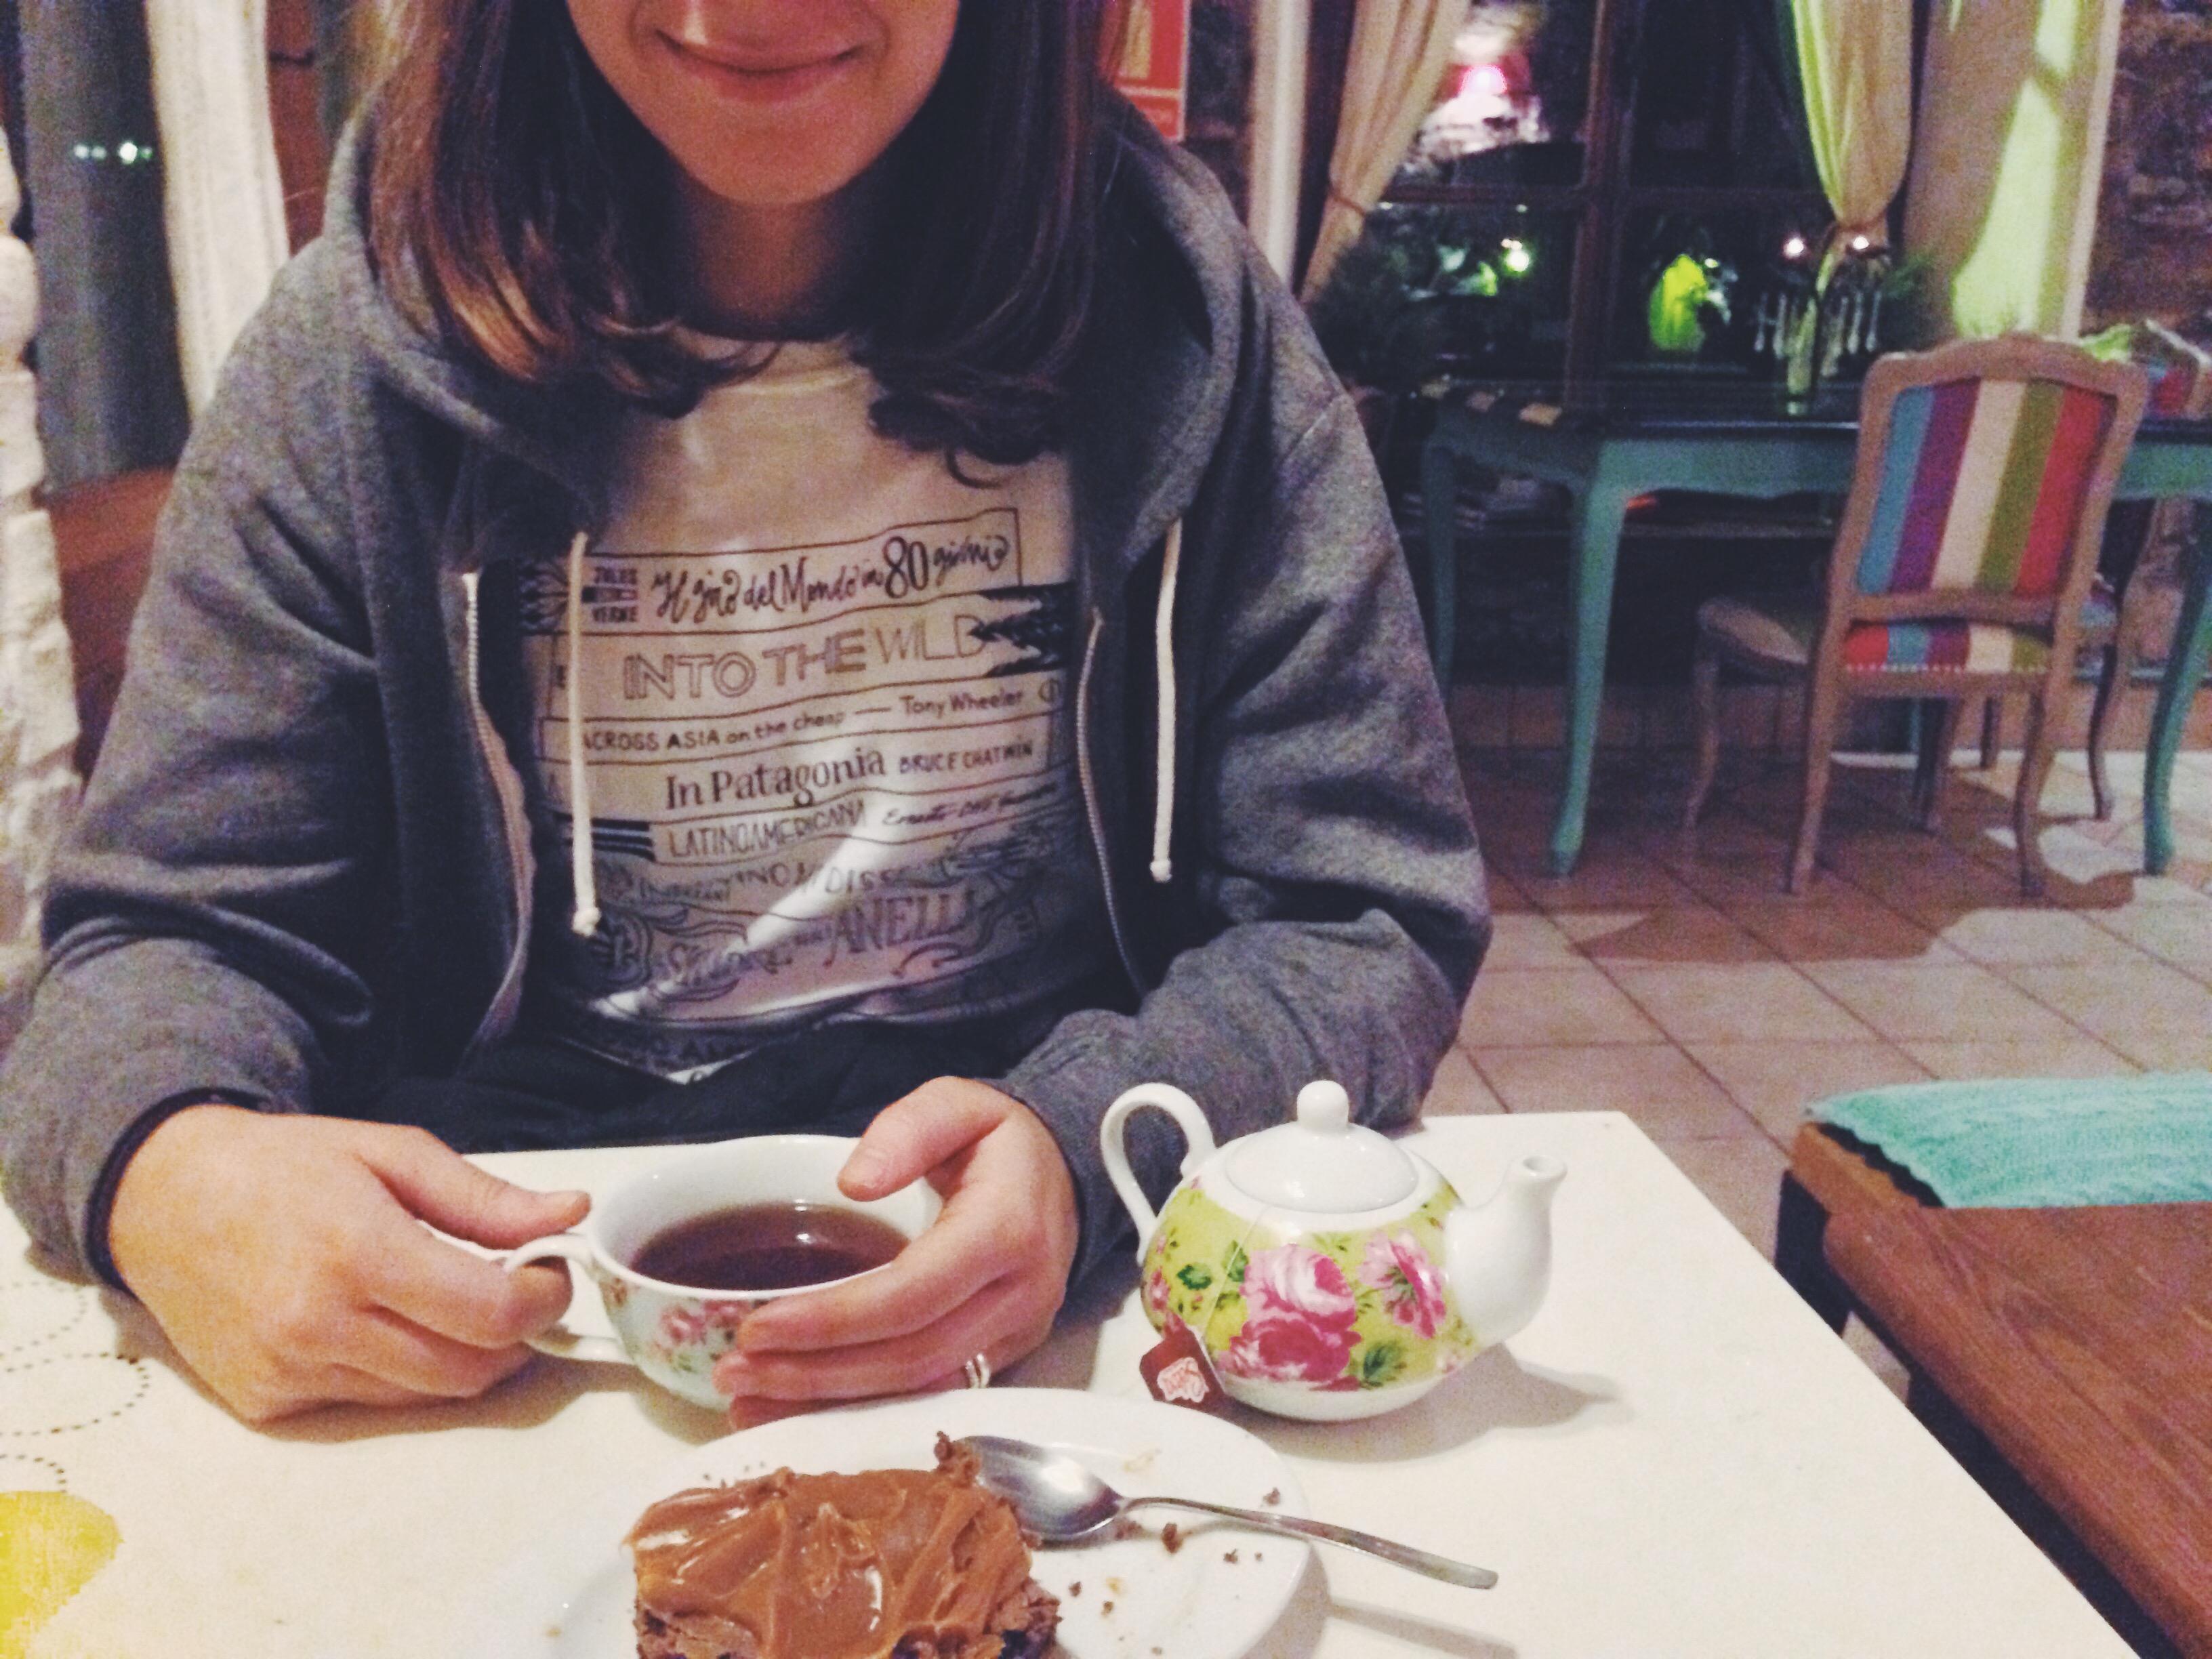 Tè, brownie al dulce de leche e Ink Your Travel